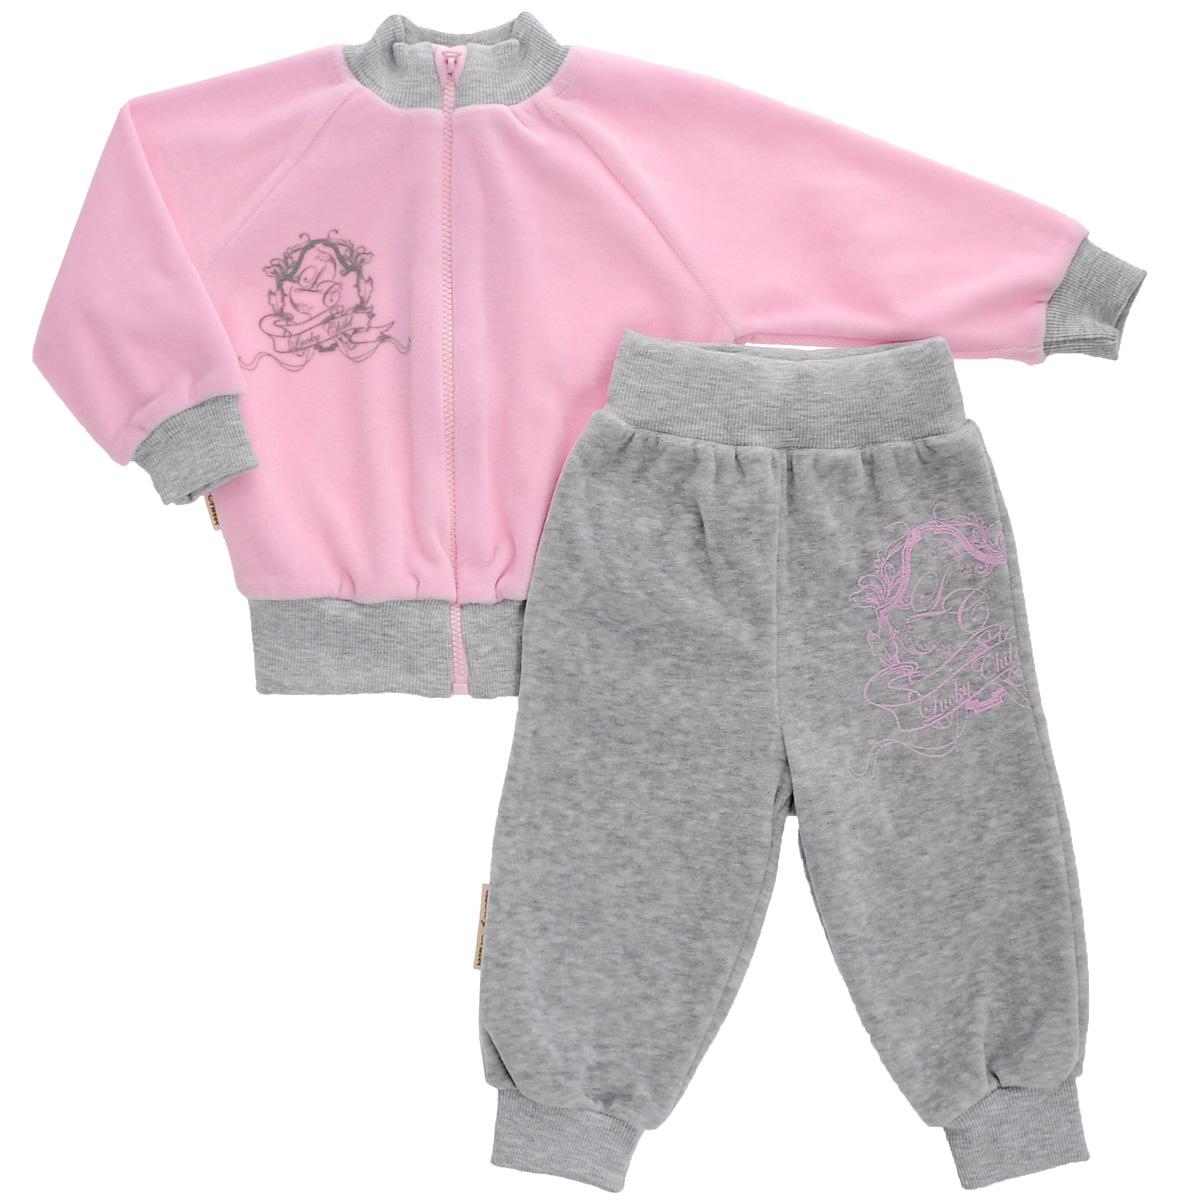 Спортивный костюм5-21Детский комплект для девочки Lucky Child, состоящий из толстовки и брюк - очень удобный и практичный. Комплект выполнен из велюра, благодаря чему он необычайно мягкий и приятный на ощупь, не раздражают нежную кожу ребенка и хорошо вентилируются, а эластичные швы приятны телу малышки и не препятствуют ее движениям. Толстовка с воротником-стойкой и длинными рукавами-реглан застегивается на пластиковую застежку-молнию. Рукава дополнены широкими трикотажными манжетами, не стягивающими запястья. Понизу также проходит широкая трикотажная резинка. На груди она оформлена оригинальным принтом в виде логотипа бренда. Брюки прямого покроя на талии имеют широкую эластичную резинку, благодаря чему они не сдавливают животик ребенка и не сползают. Понизу штанины дополнены широкими трикотажными манжетами. Спереди брюки декорированы таким же рисунком, как на толстовке. Оригинальный дизайн и модная расцветка делают этот комплект незаменимым предметом детского гардероба. В нем ваш...